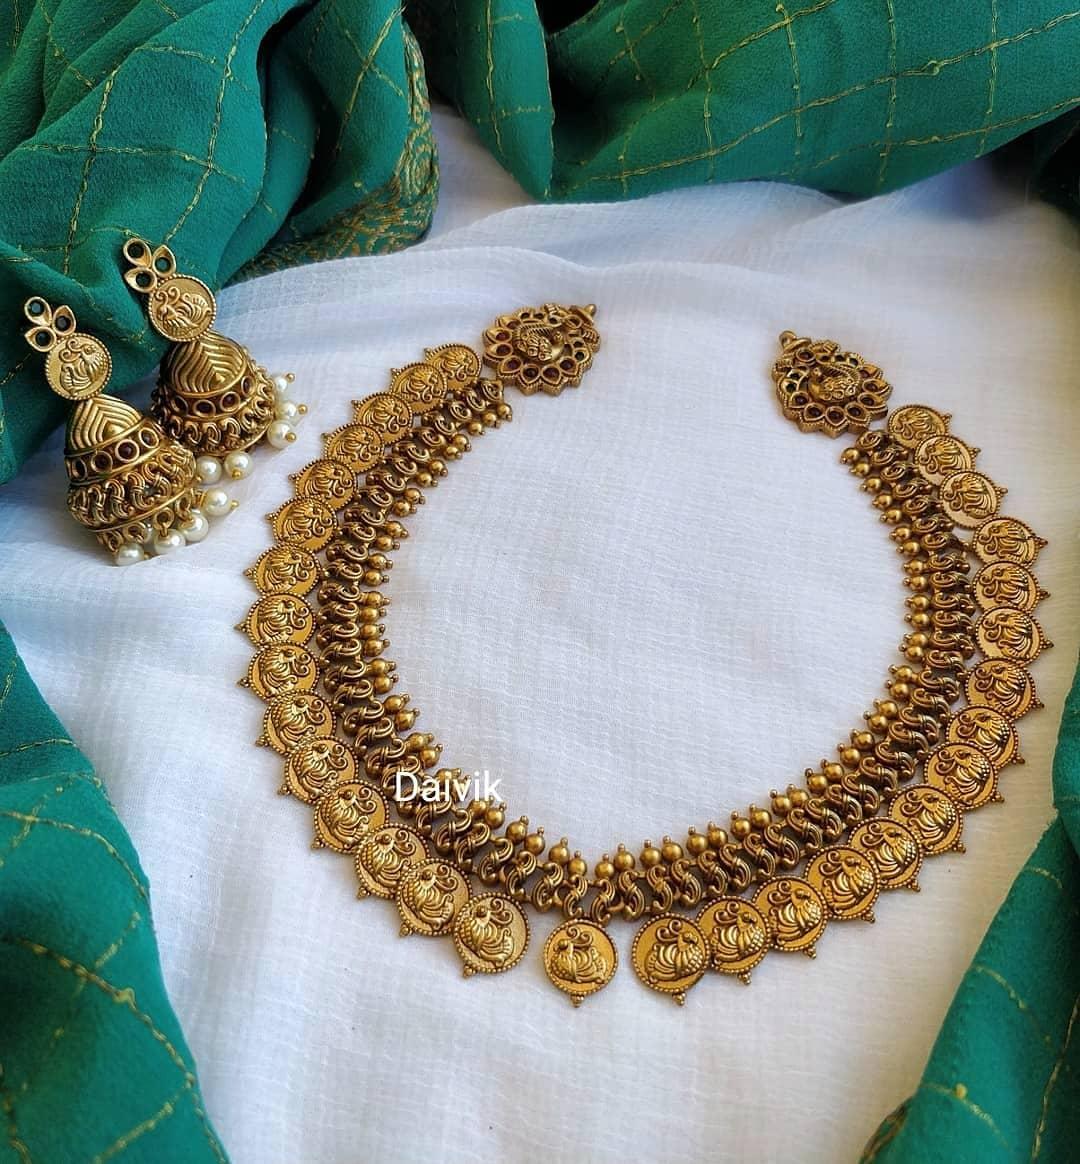 Imitation-Antique-Jewellery-Online(2)